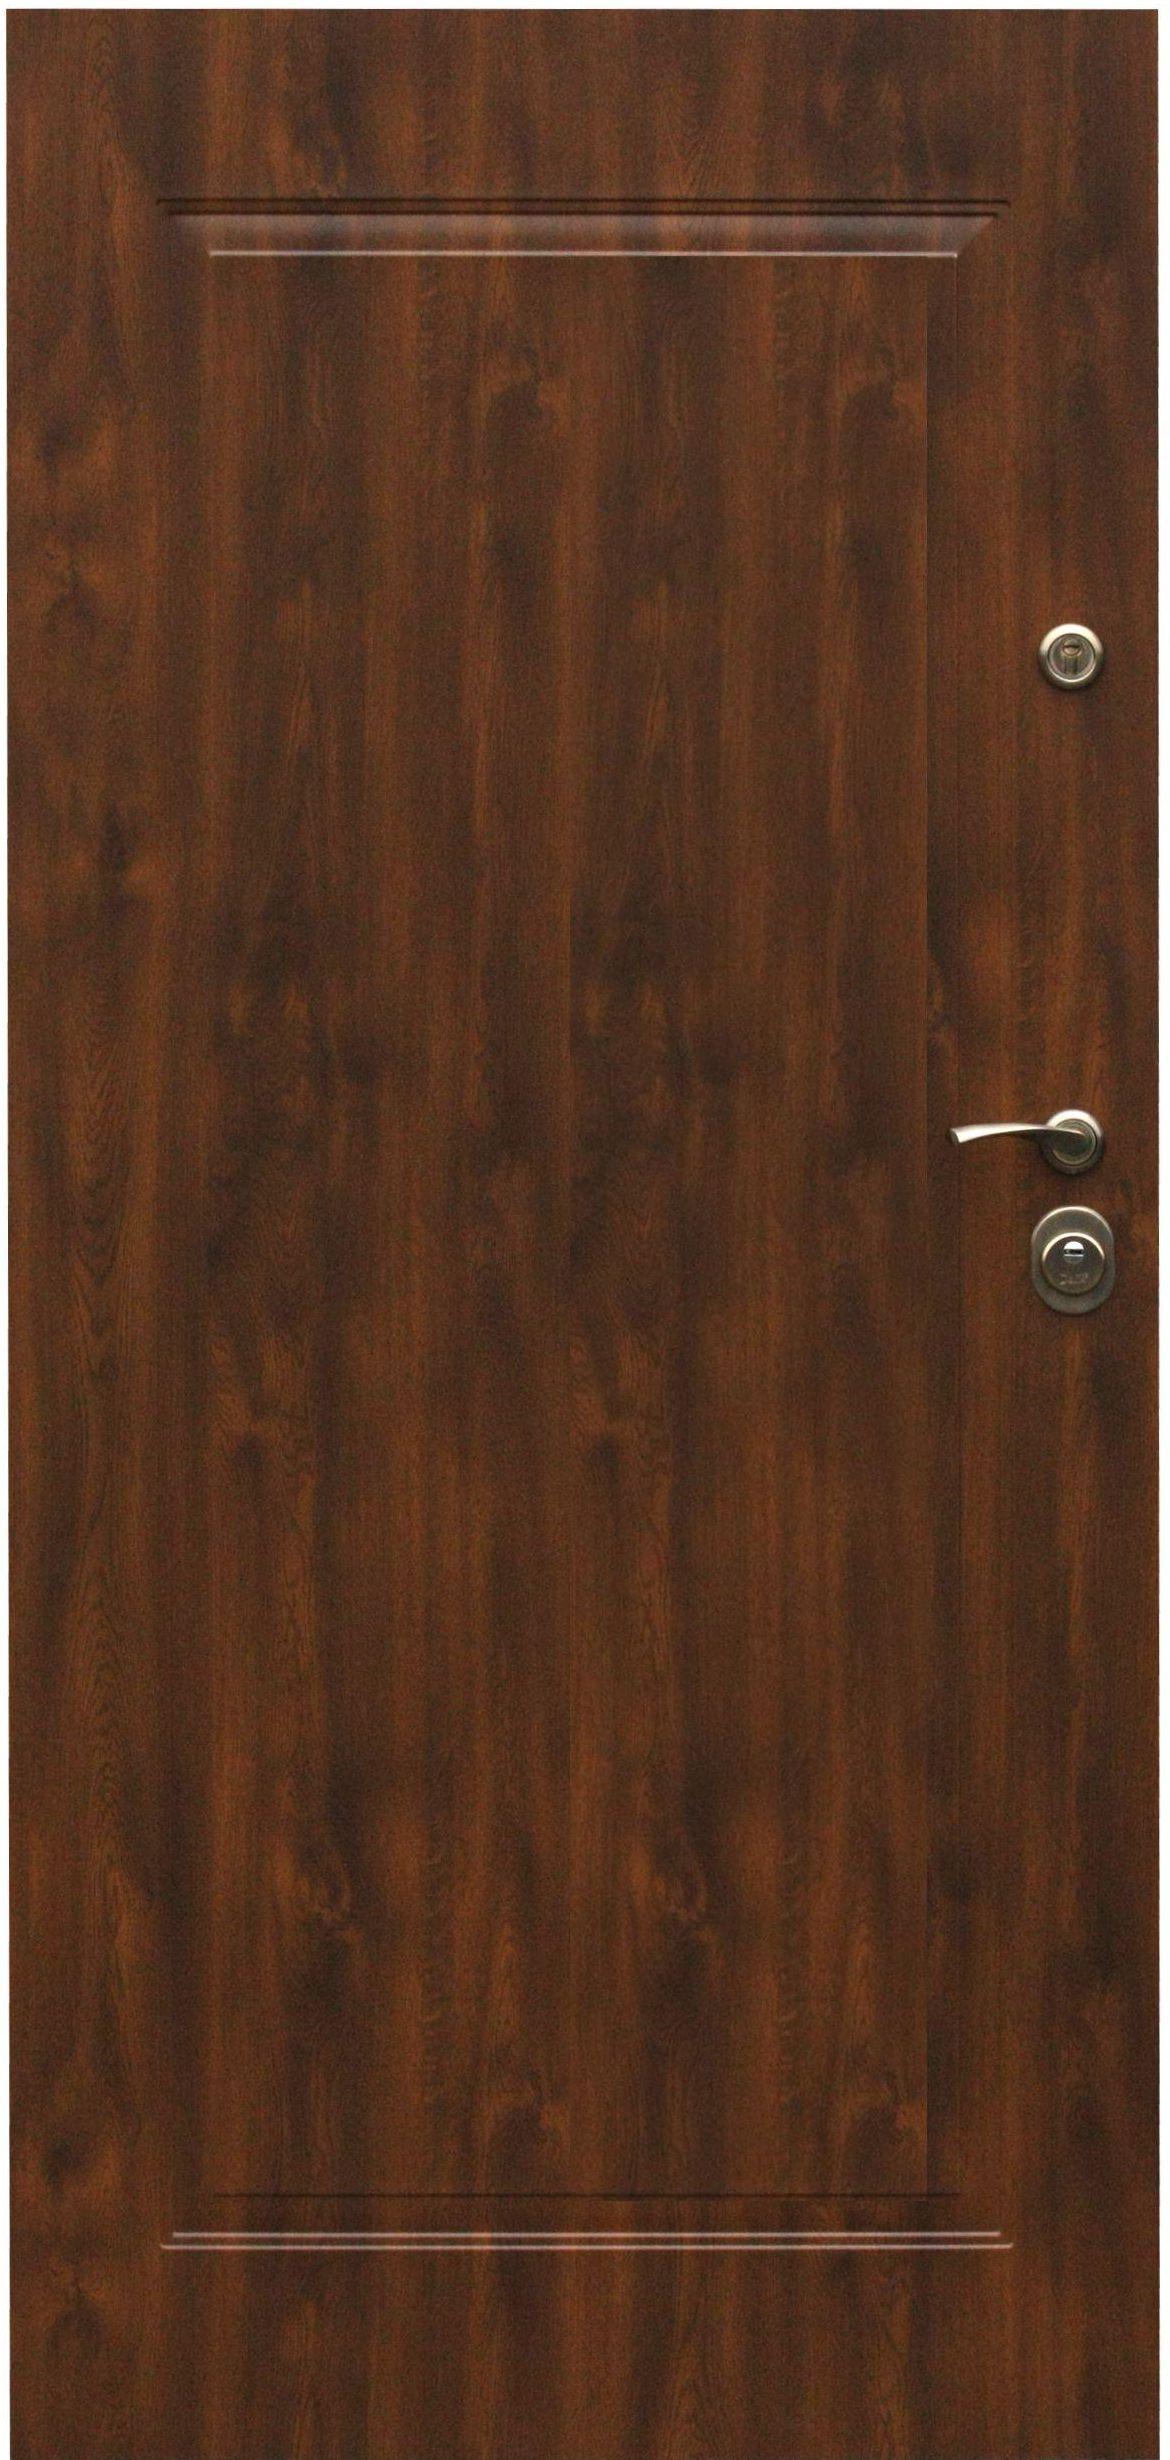 új biztonsági ajtók 24